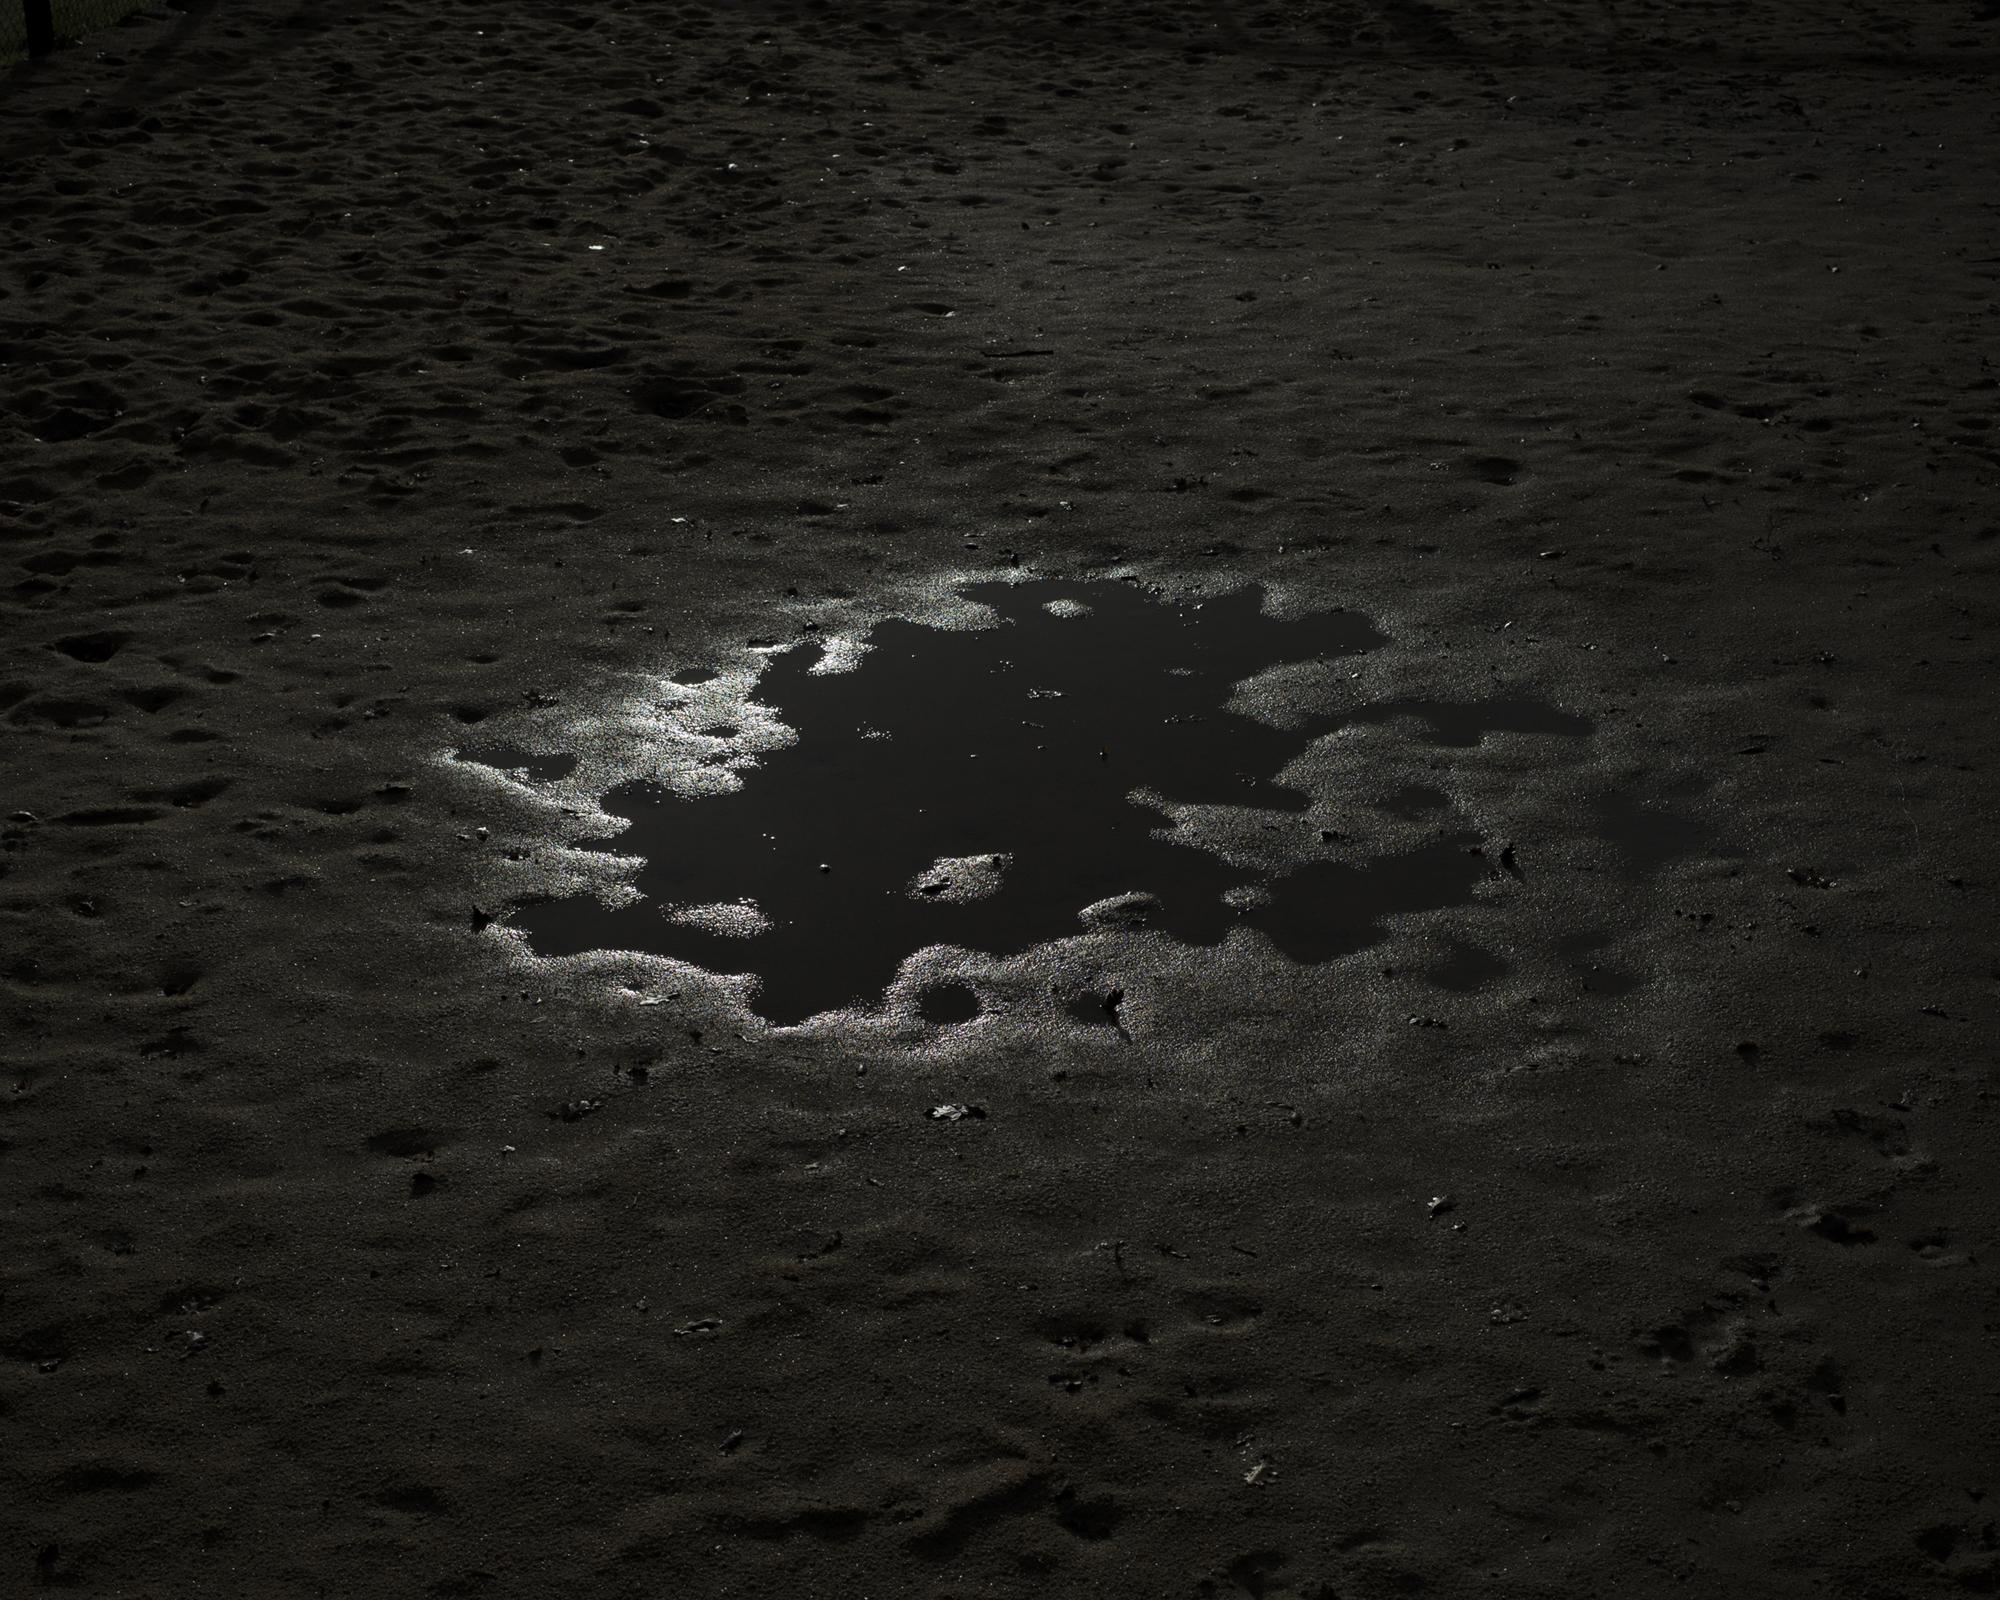 Maxime Voidy, Alors que la nuit tombe, photographie numérique, 2021.